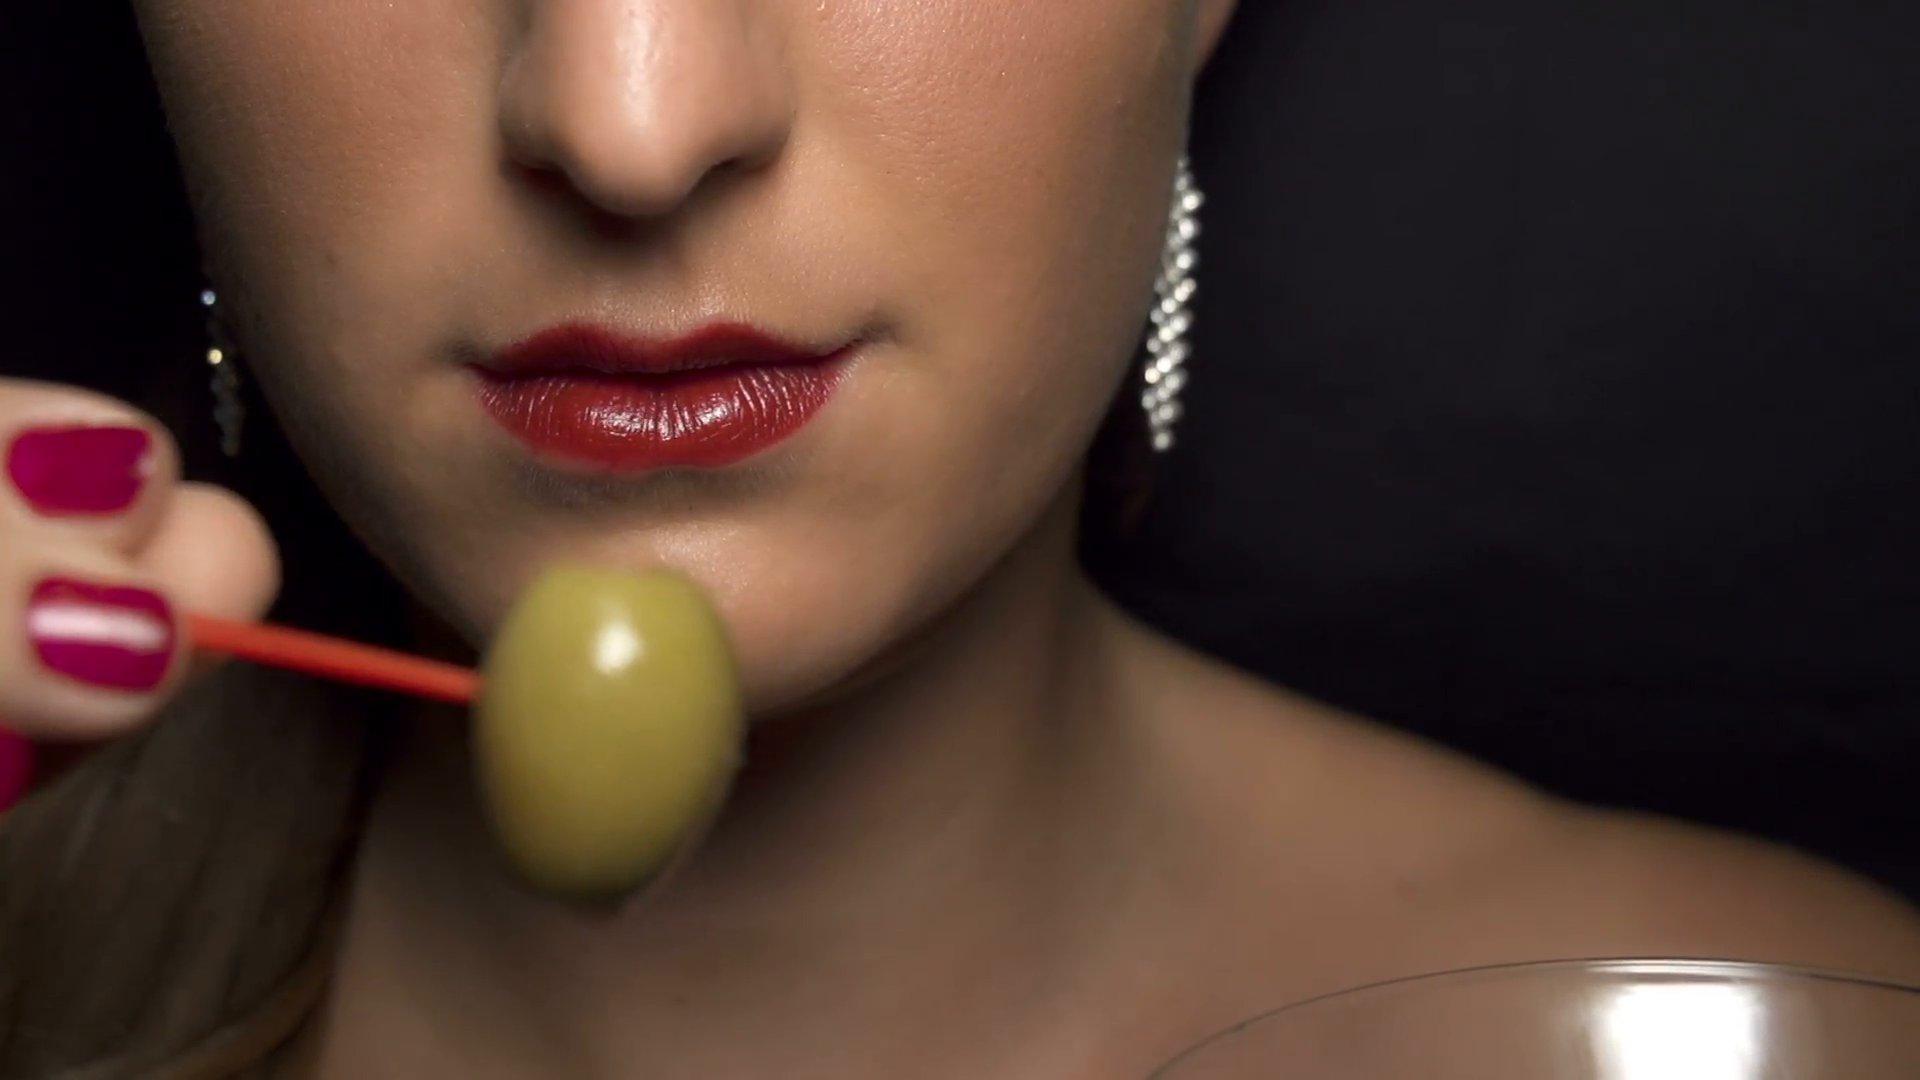 slow motion eating olive from martini glass nk2msewbl  f0002.png?resize=1200,630 - Se você gosta de comer azeitonas ou chocolate amargo, é um sinal de que está ficando VELHO